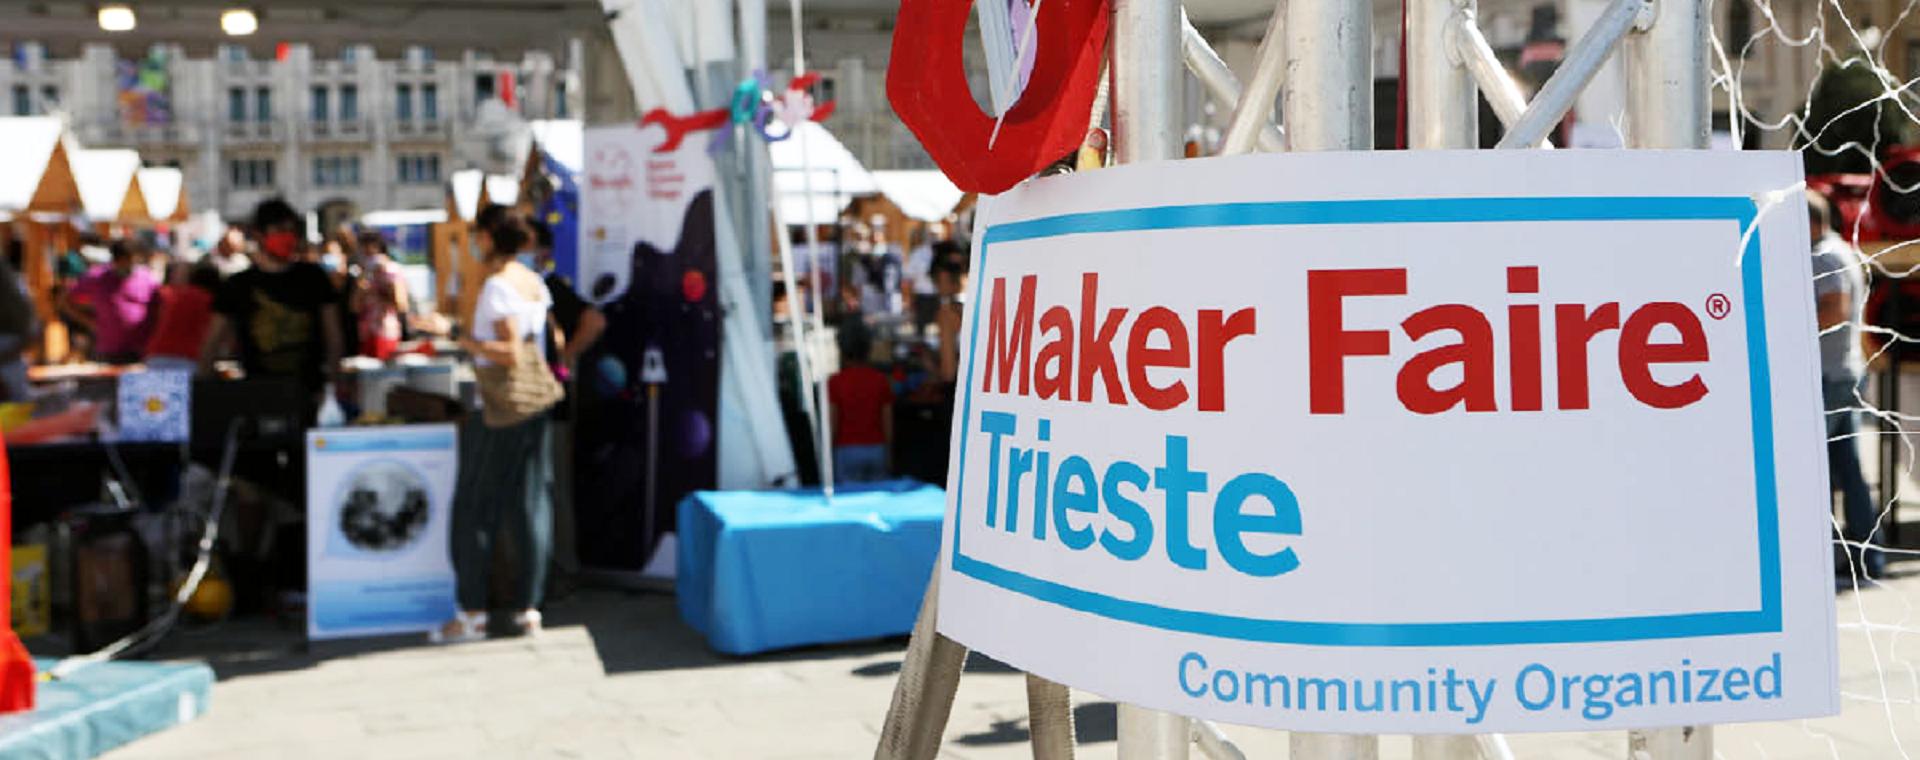 Immagine: Maker Fair Trieste: inventori, makers, ricercatori e appassionati di tecnologia si ritrovano il 18 e 19 settembre